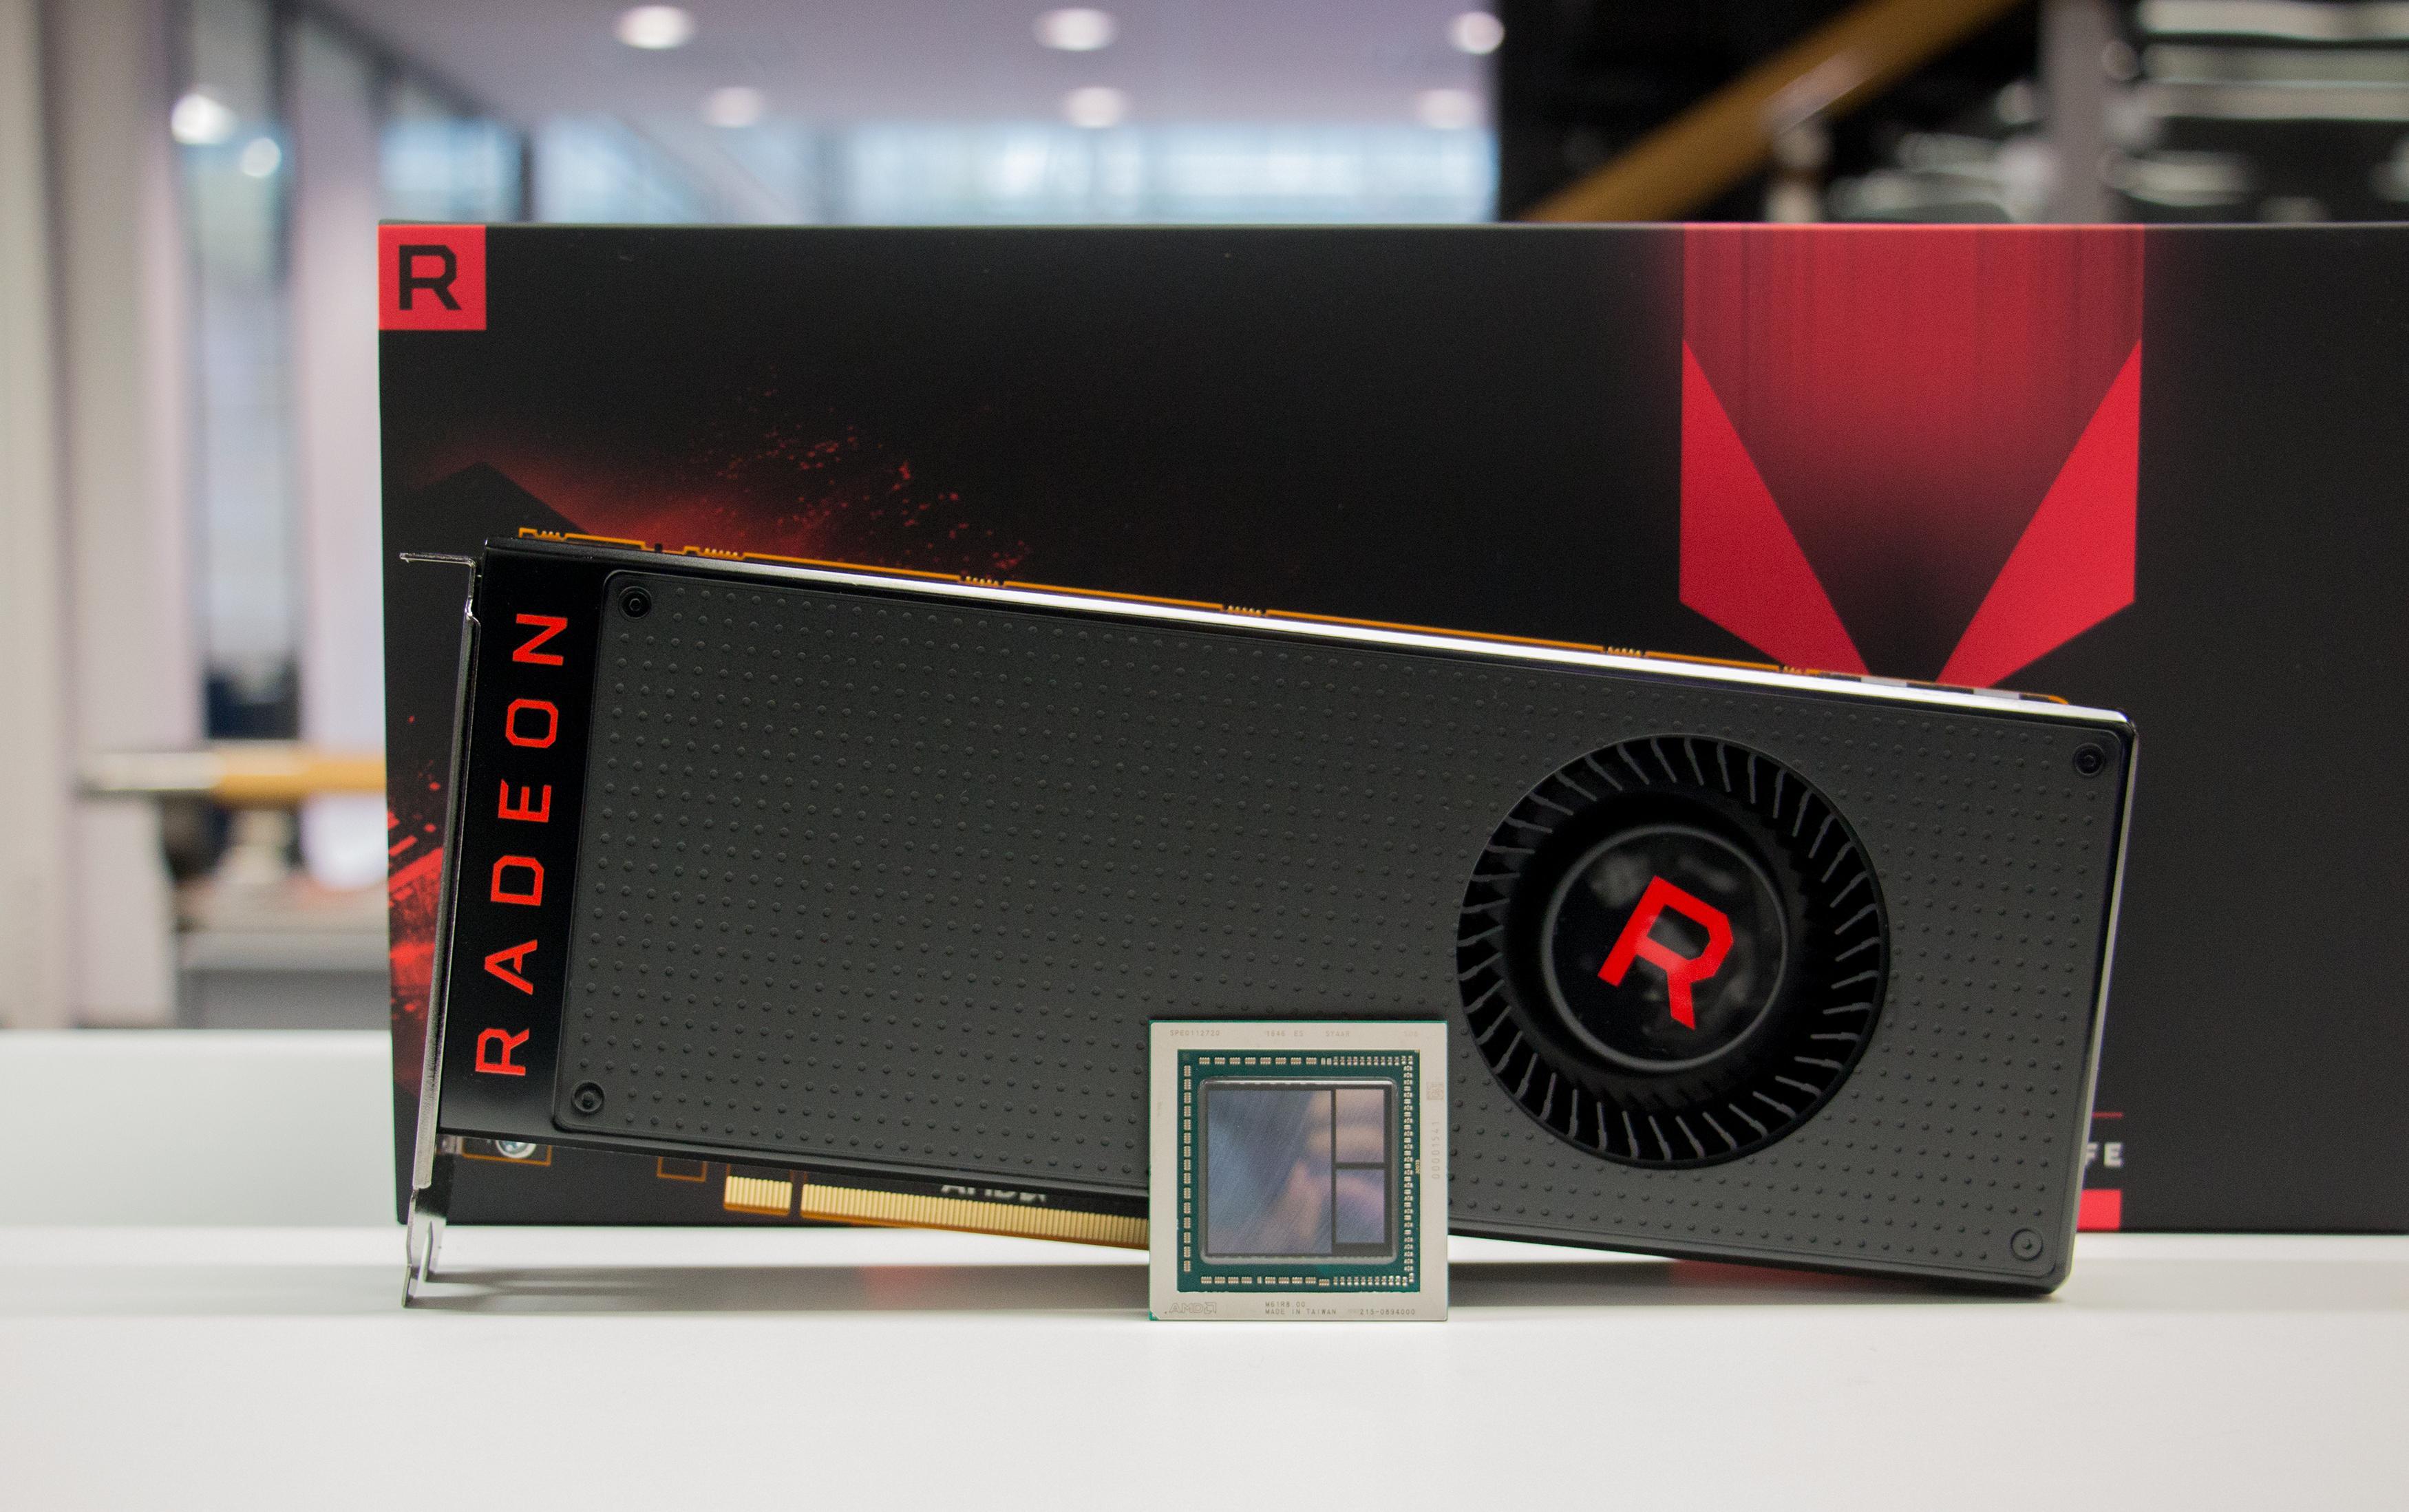 RX Vega er i lys av prisøkningen fra 5000 til 6000 kroner satt ned en karakter i vår test. Dersom kortet kommer tilbake med riktig pris vil vi vurdere det på nytt, igjen.